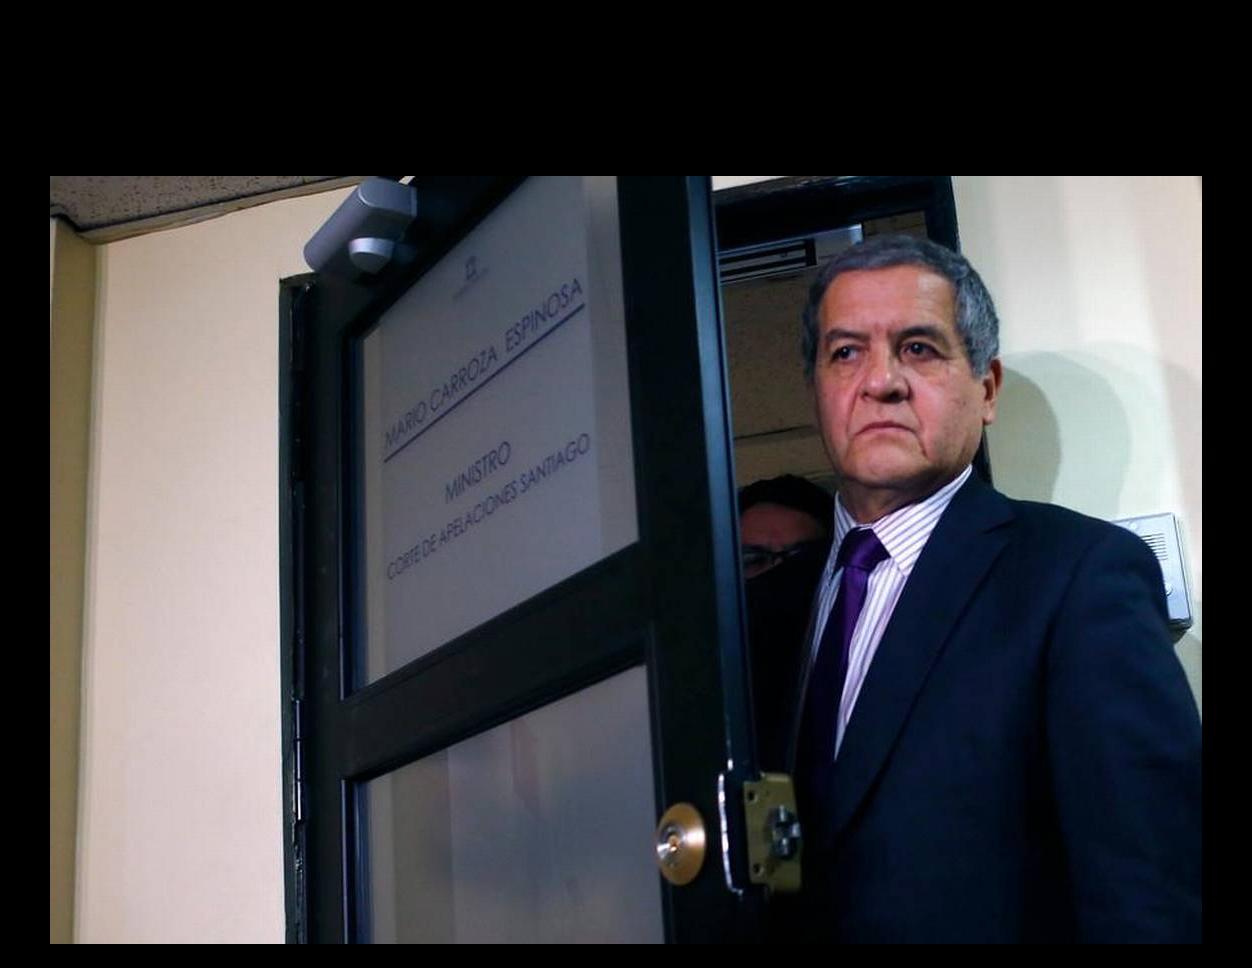 El capitán Armando Fernández Larios vive en EE.UU. y un juez chileno lo acusa de 15 homicidios